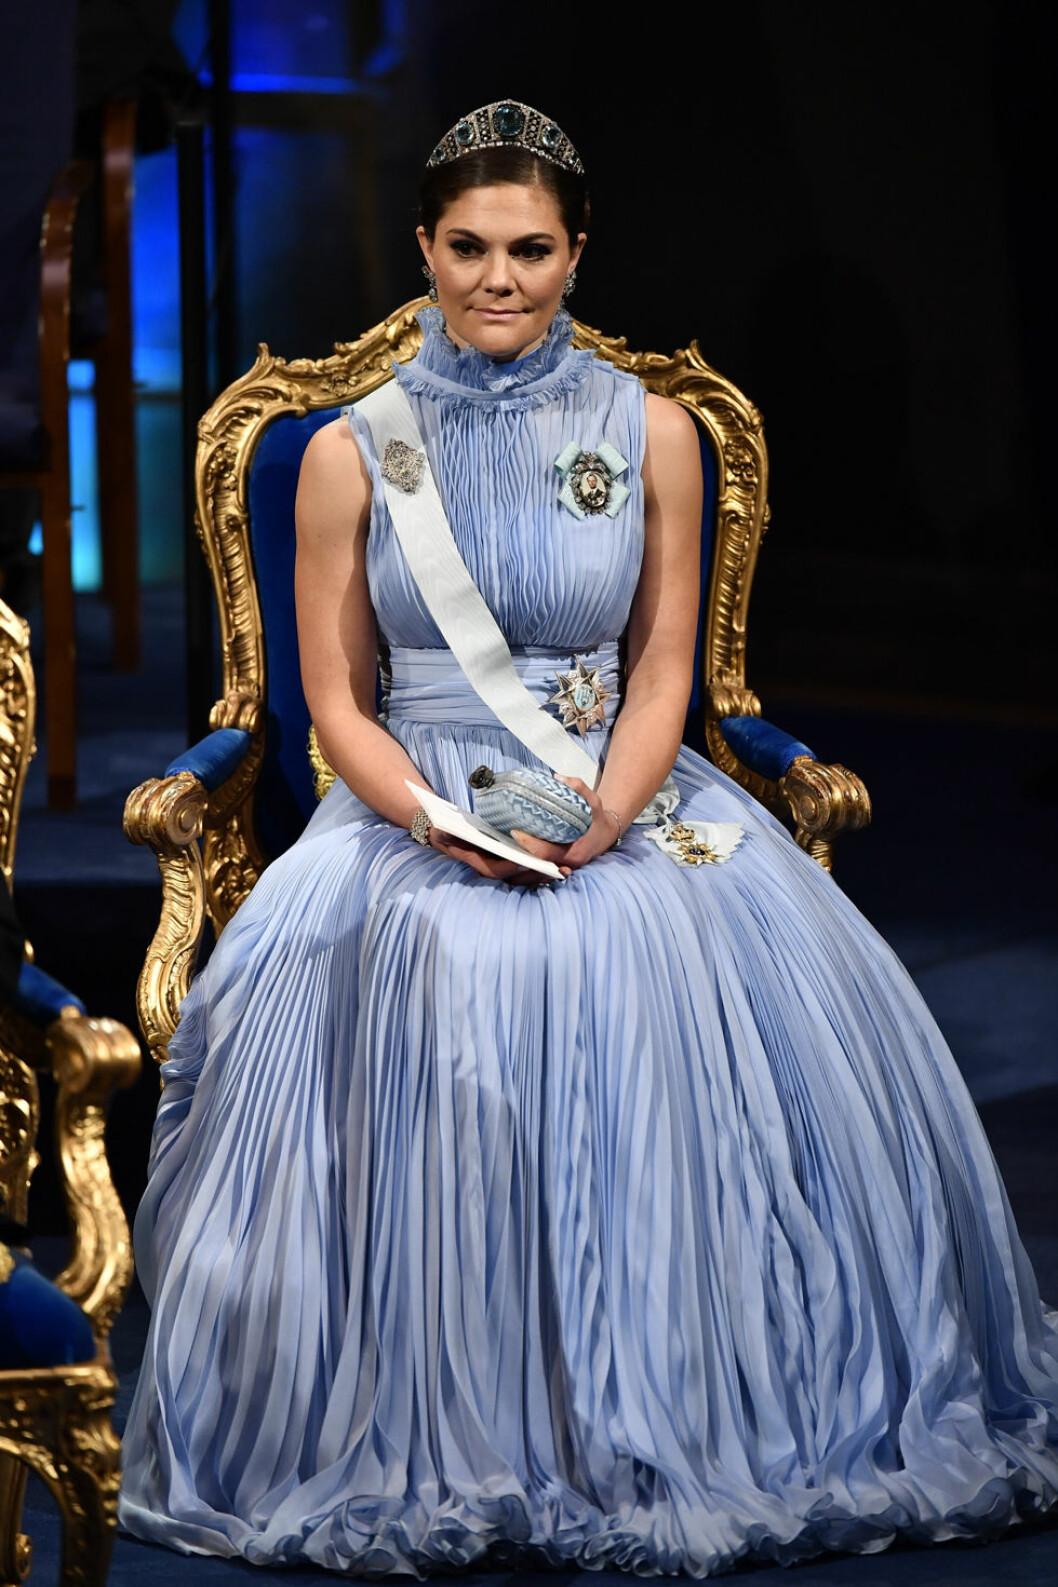 Kronprinsessan Victoria i klänning från Jennifer Blom på Nobelfesten 2017